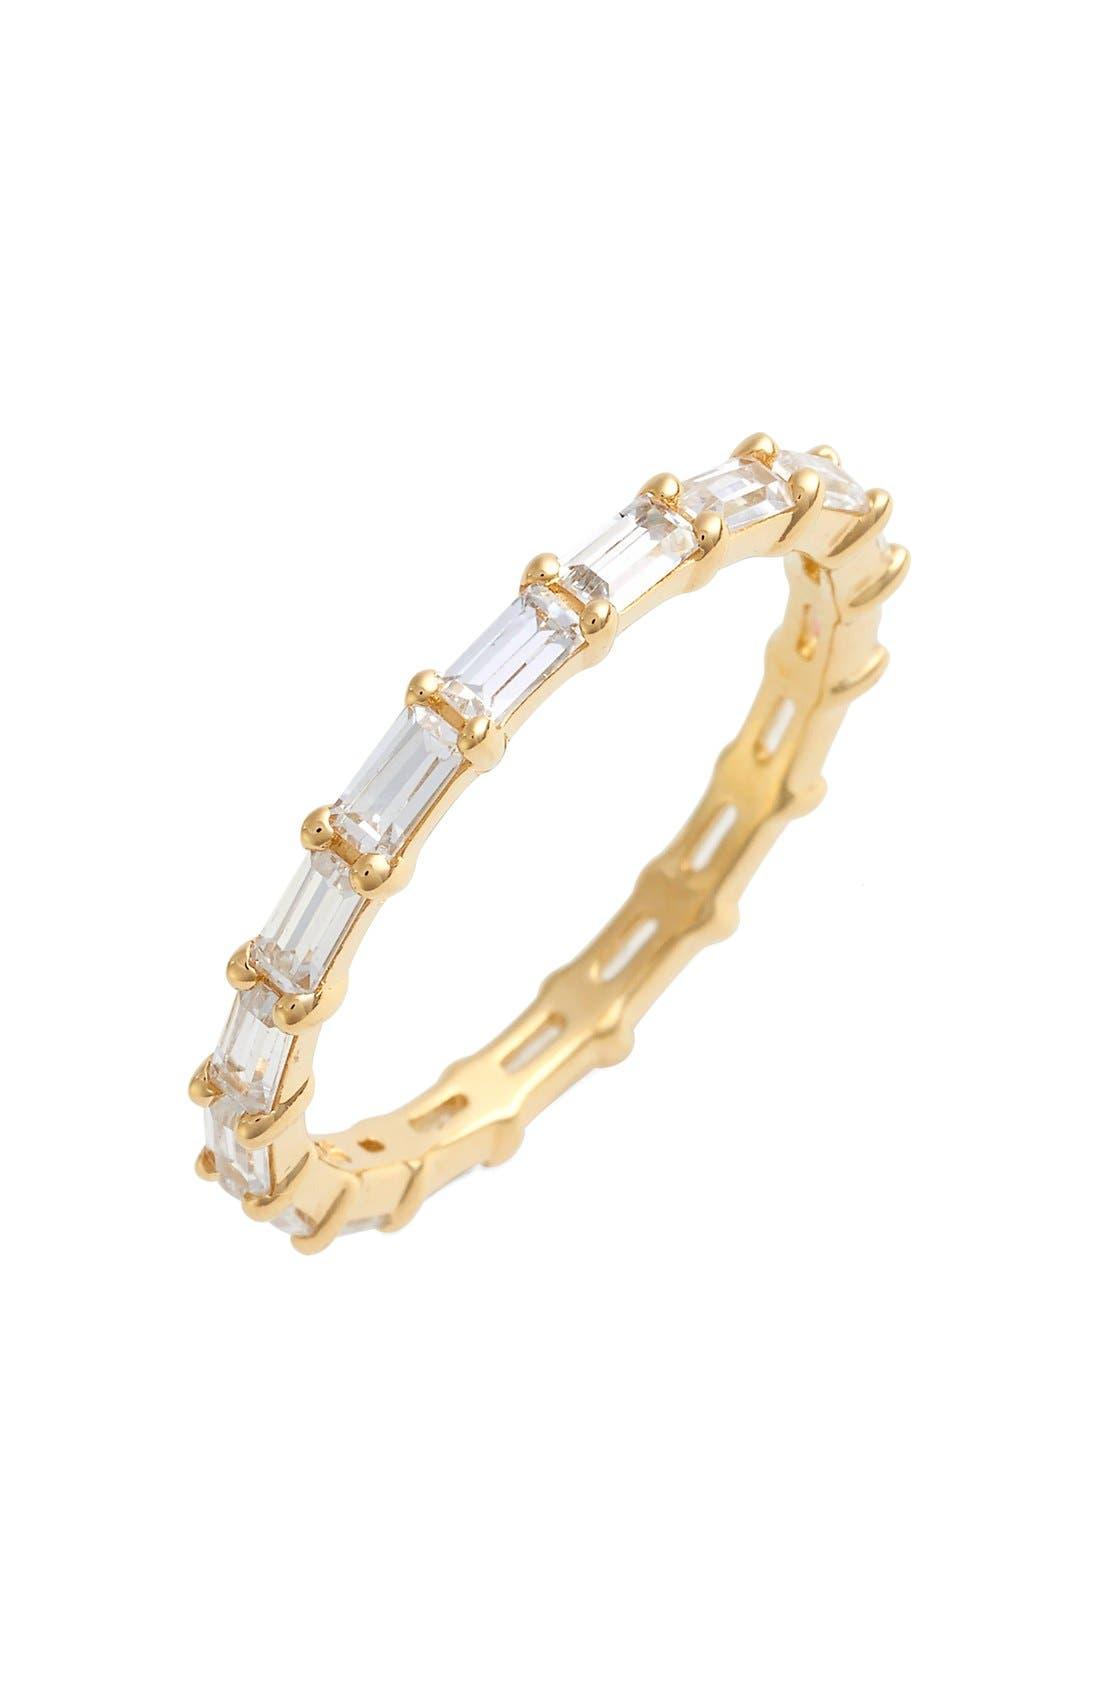 Judith Jack Stackable Cubic Zirconia Baguette Ring